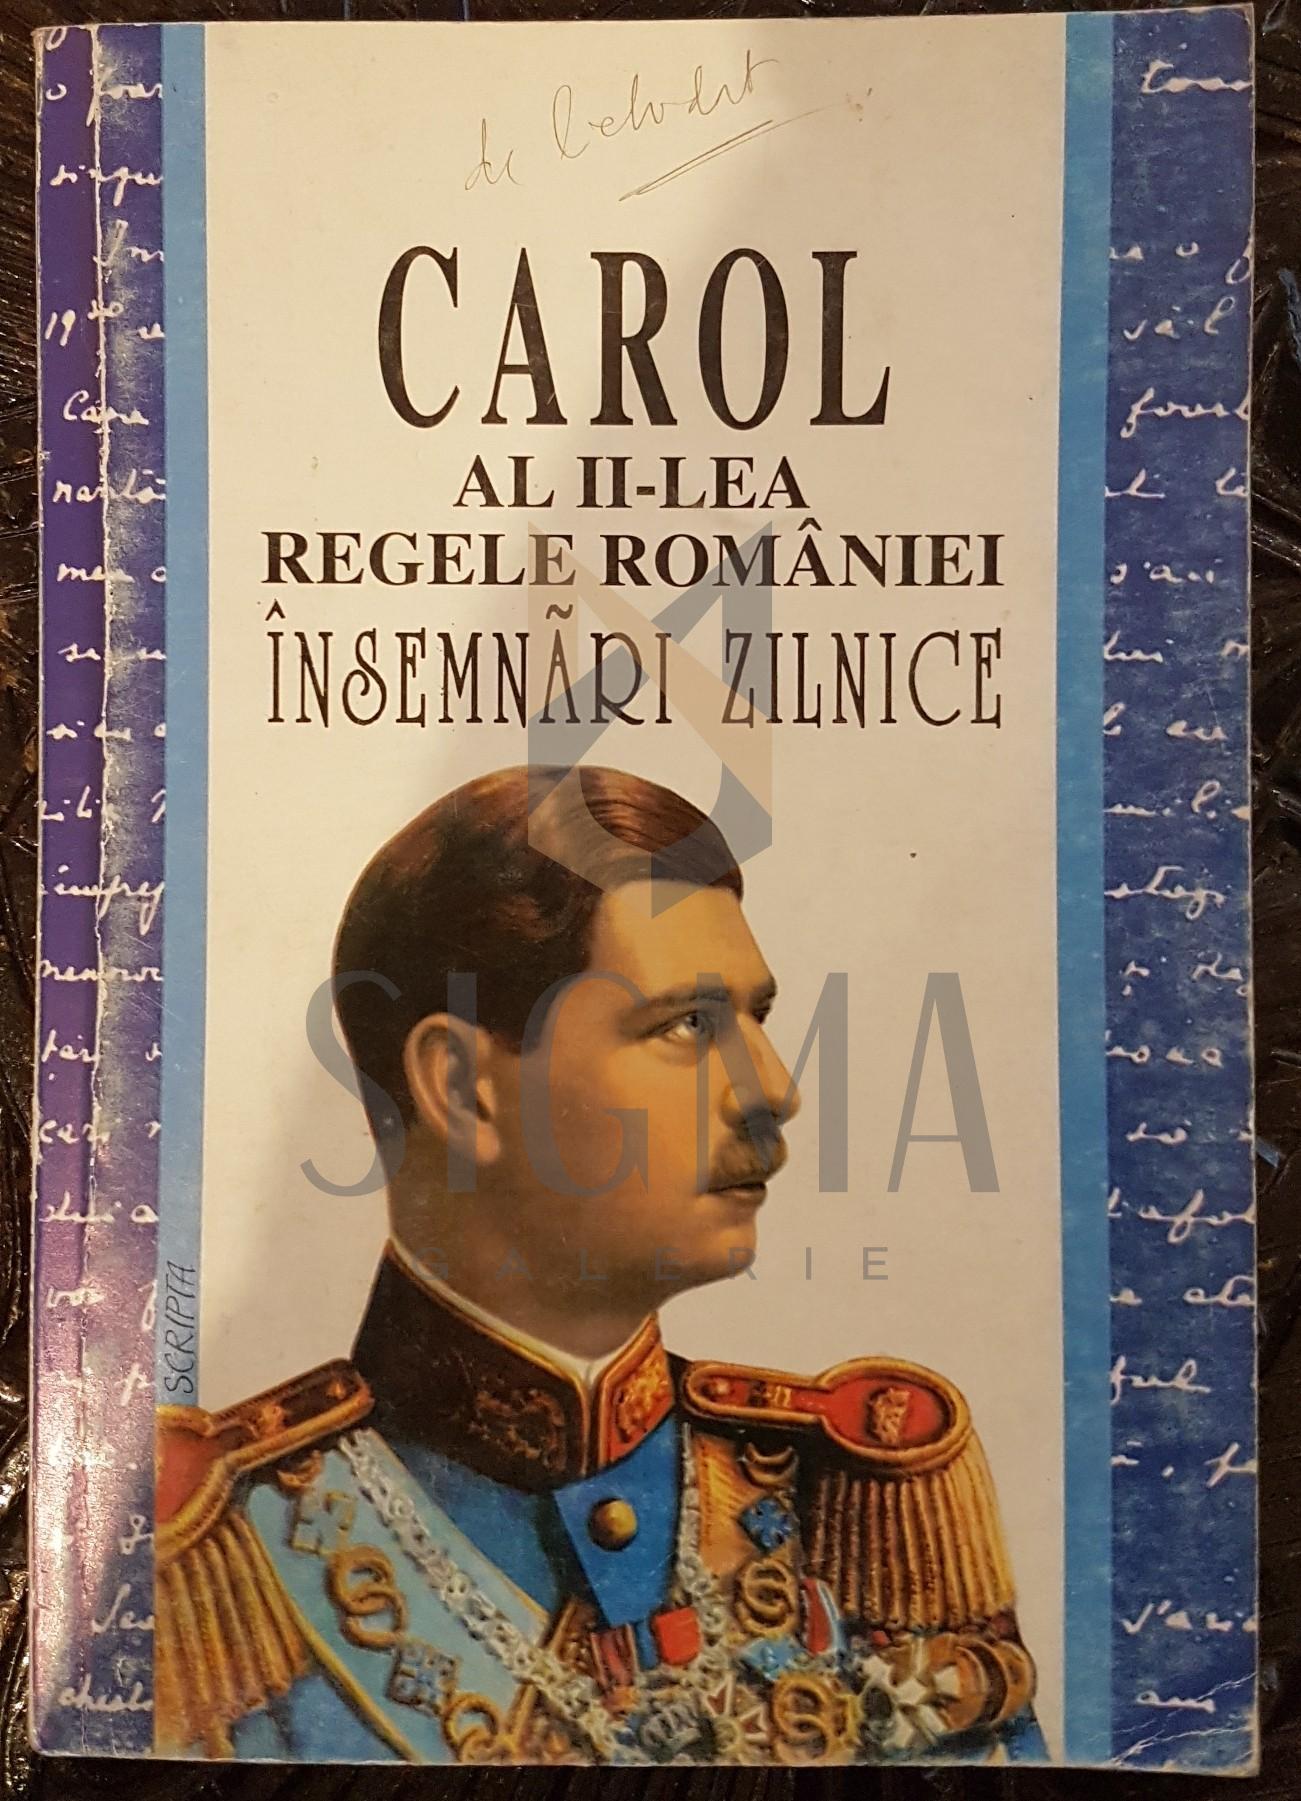 """CAROL AL II-LEA REGELE ROMANIEI """"INSEMNARI ZILNICE"""", VOLUMUL II"""